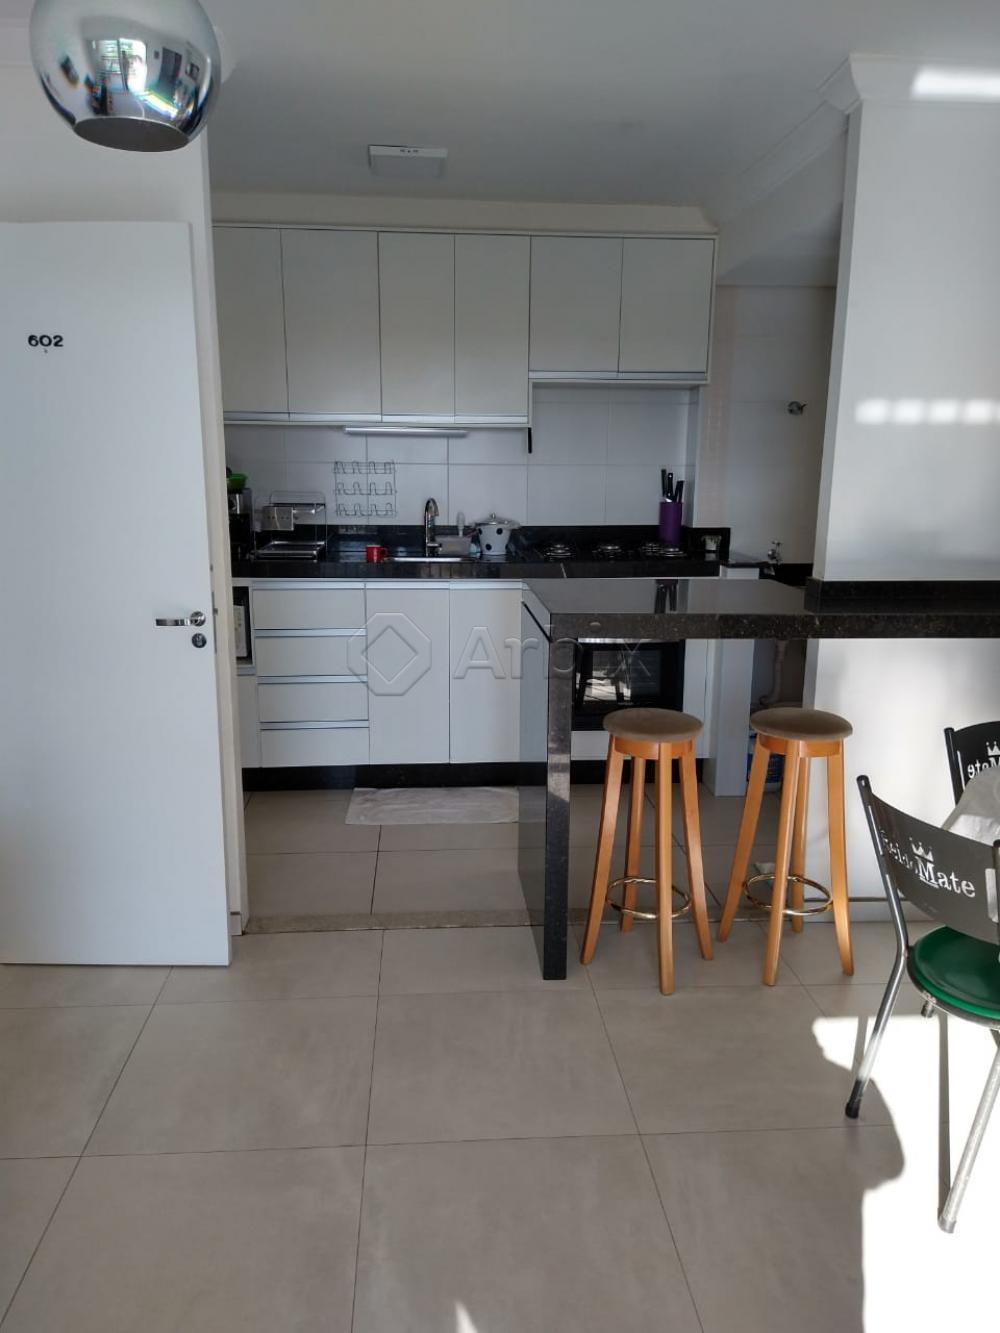 Comprar Apartamento / Padrão em Santa Bárbara D`Oeste R$ 320.000,00 - Foto 4